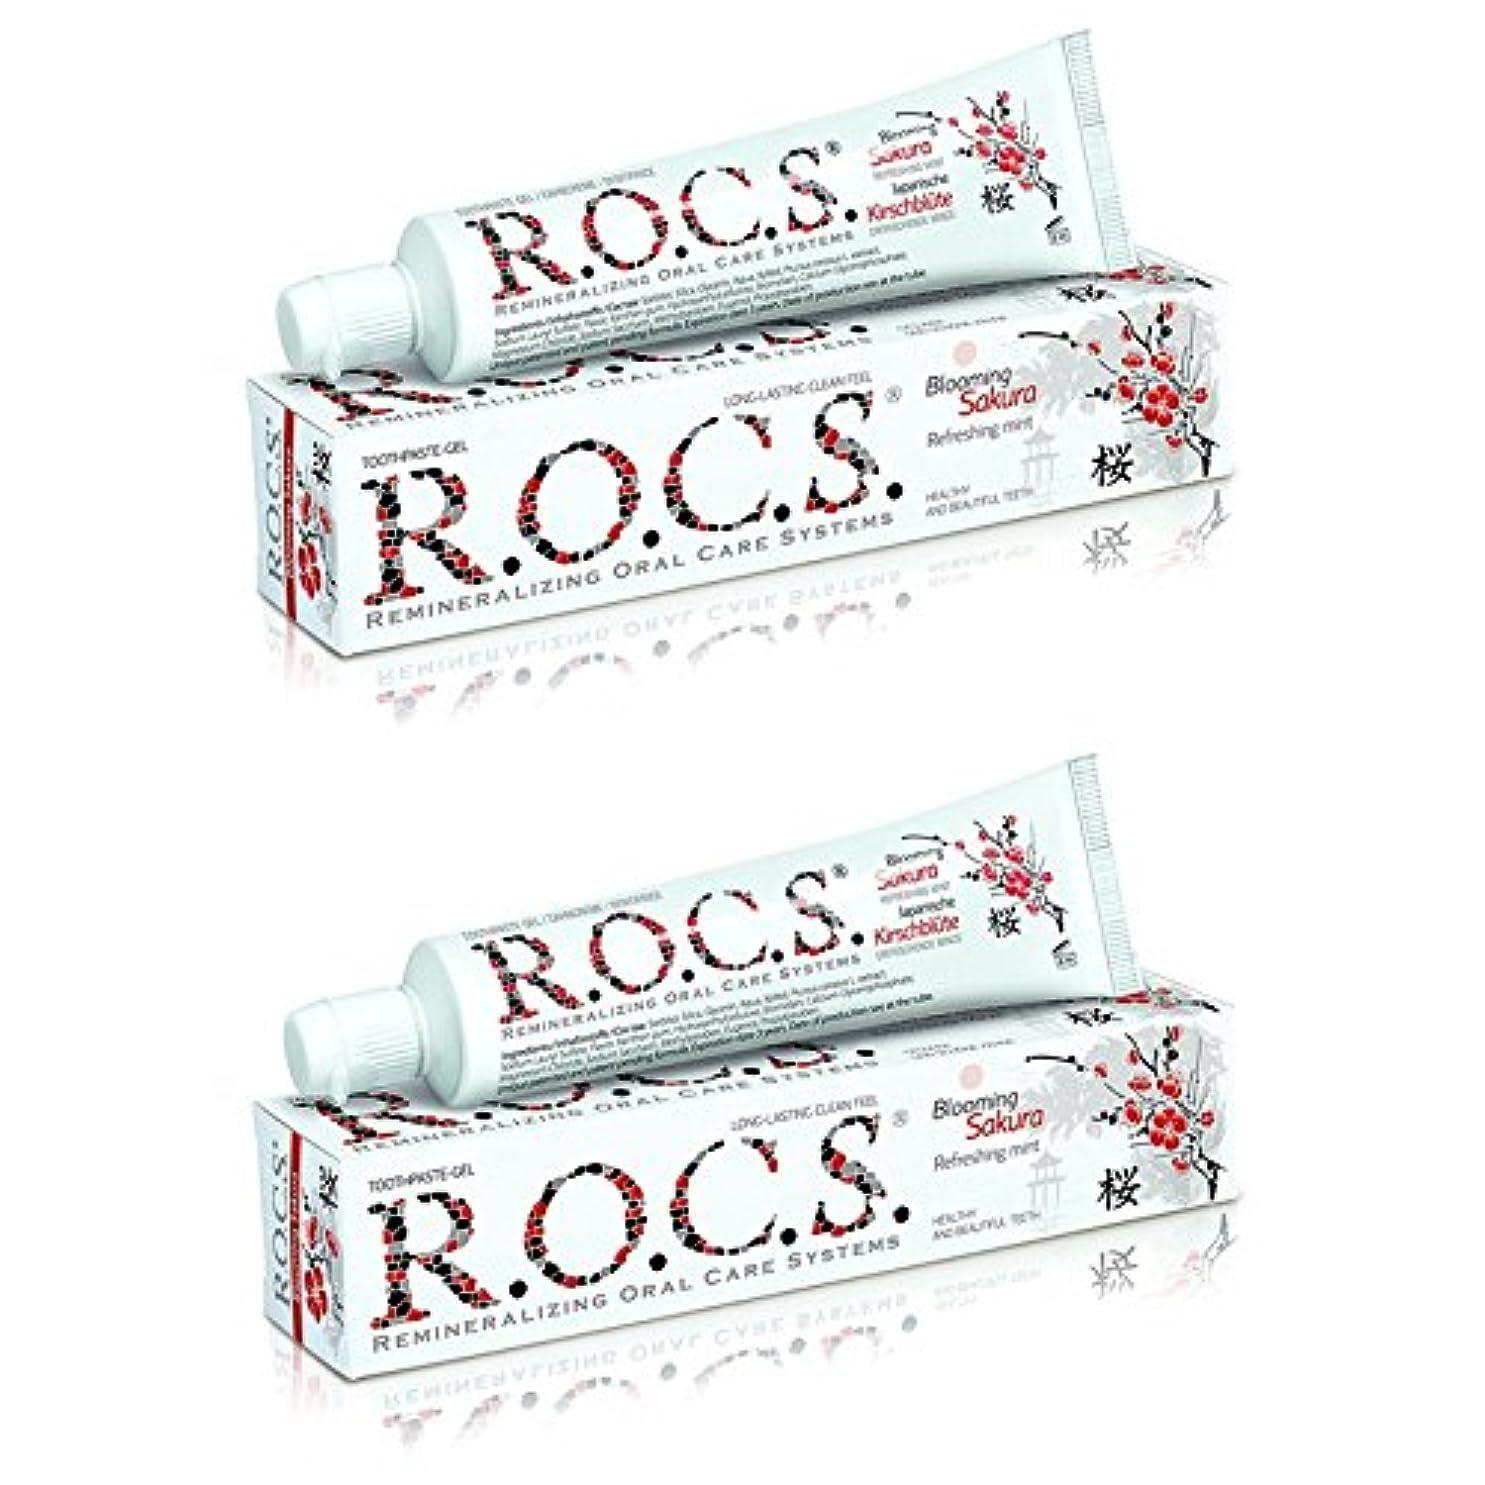 ミントミット真剣にR.O.C.S. ロックス 歯磨き粉 ブルーミング サクラ BS (2箱セット)